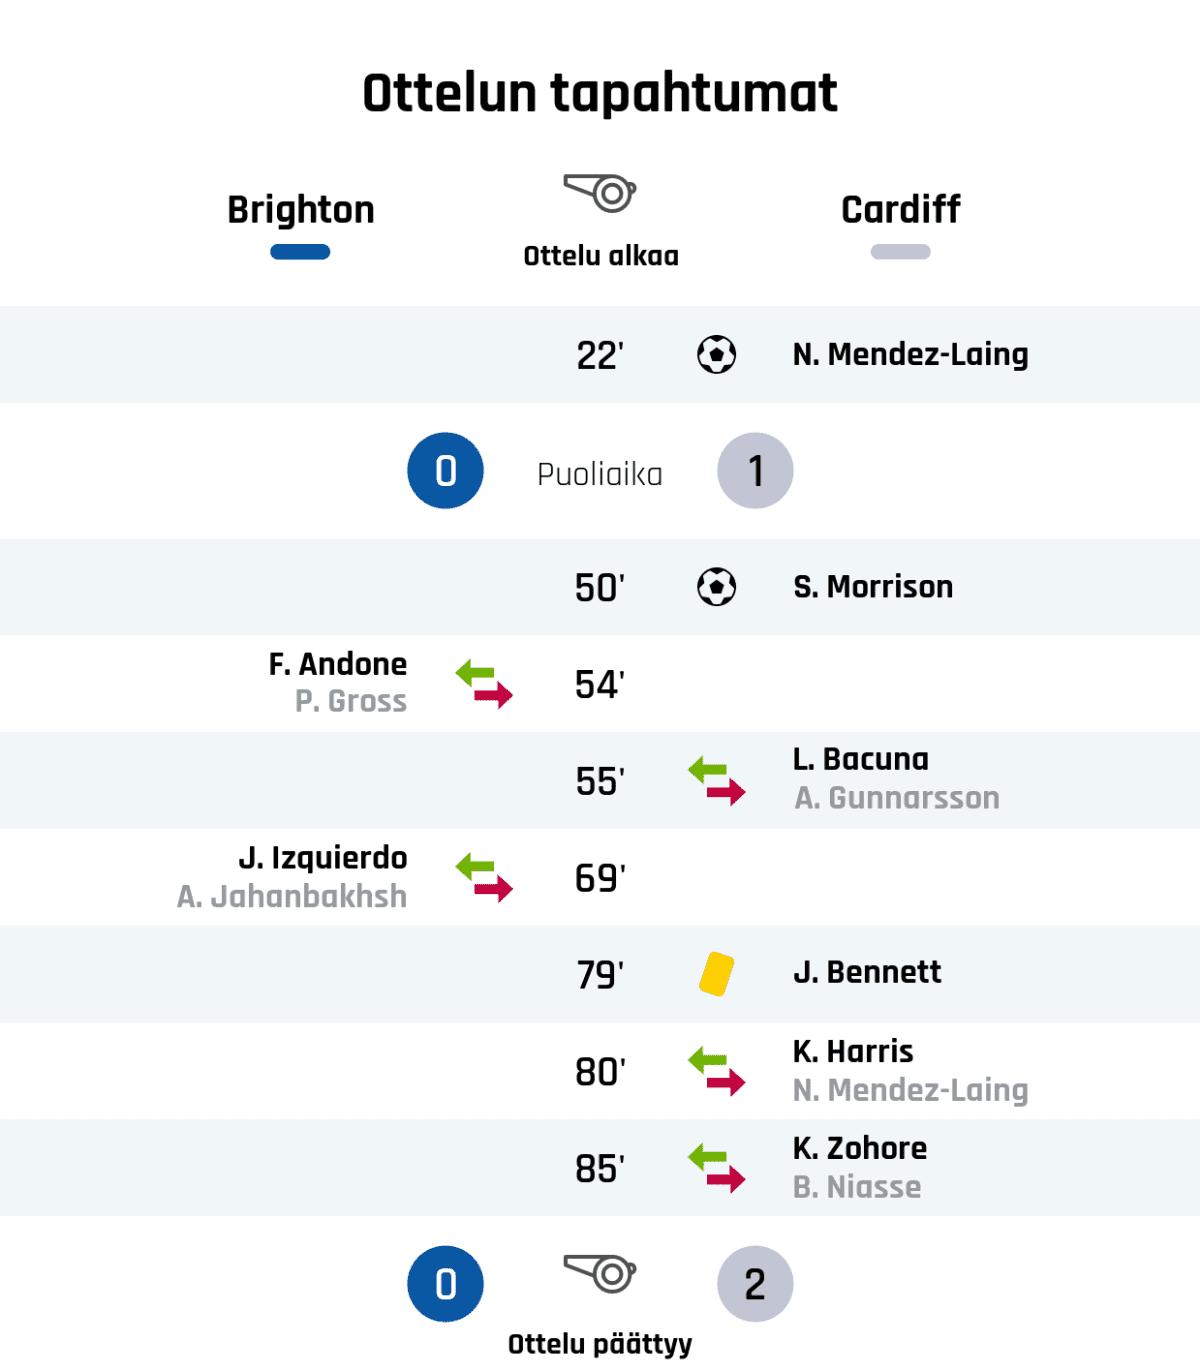 22' Maali Cardiffille: N. Mendez-Laing Puoliajan tulos: Brighton 0, Cardiff 1 50' Maali Cardiffille: S. Morrison 54' Brightonin vaihto: sisään F. Andone, ulos P. Gross 55' Cardiffin vaihto: sisään L. Bacuna, ulos A. Gunnarsson 69' Brightonin vaihto: sisään J. Izquierdo, ulos A. Jahanbakhsh 79' Keltainen kortti: J. Bennett, Cardiff 80' Cardiffin vaihto: sisään K. Harris, ulos N. Mendez-Laing 85' Cardiffin vaihto: sisään K. Zohore, ulos B. Niasse Lopputulos: Brighton 0, Cardiff 2